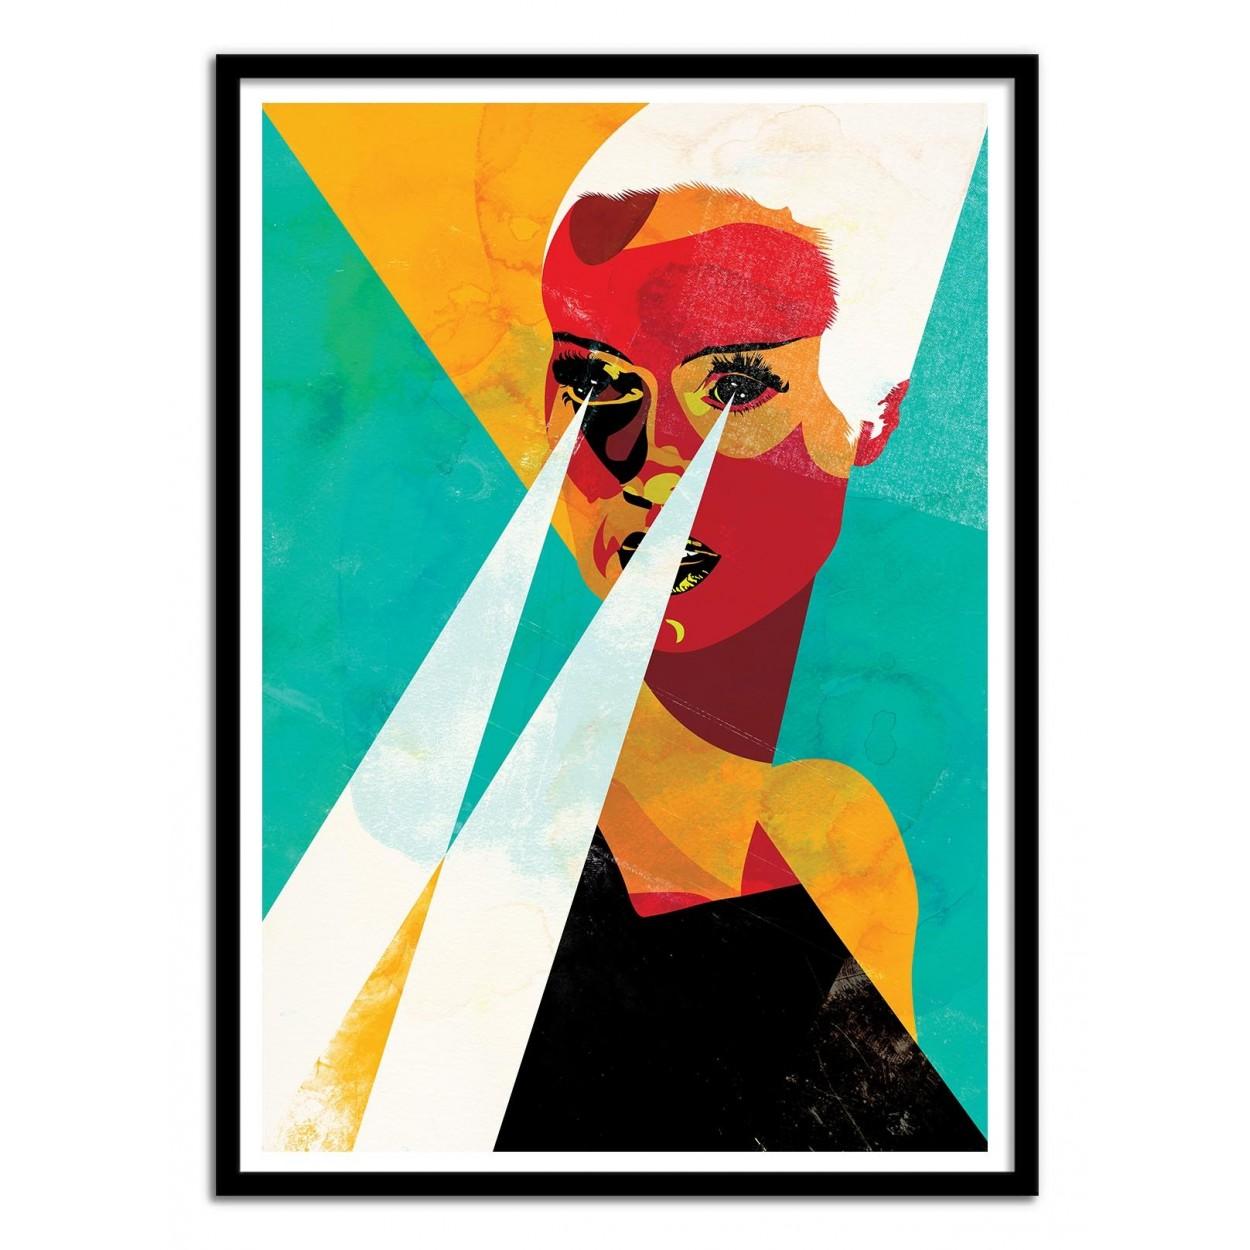 illustration art poster frame paint graphic portrait woman portrait. Black Bedroom Furniture Sets. Home Design Ideas